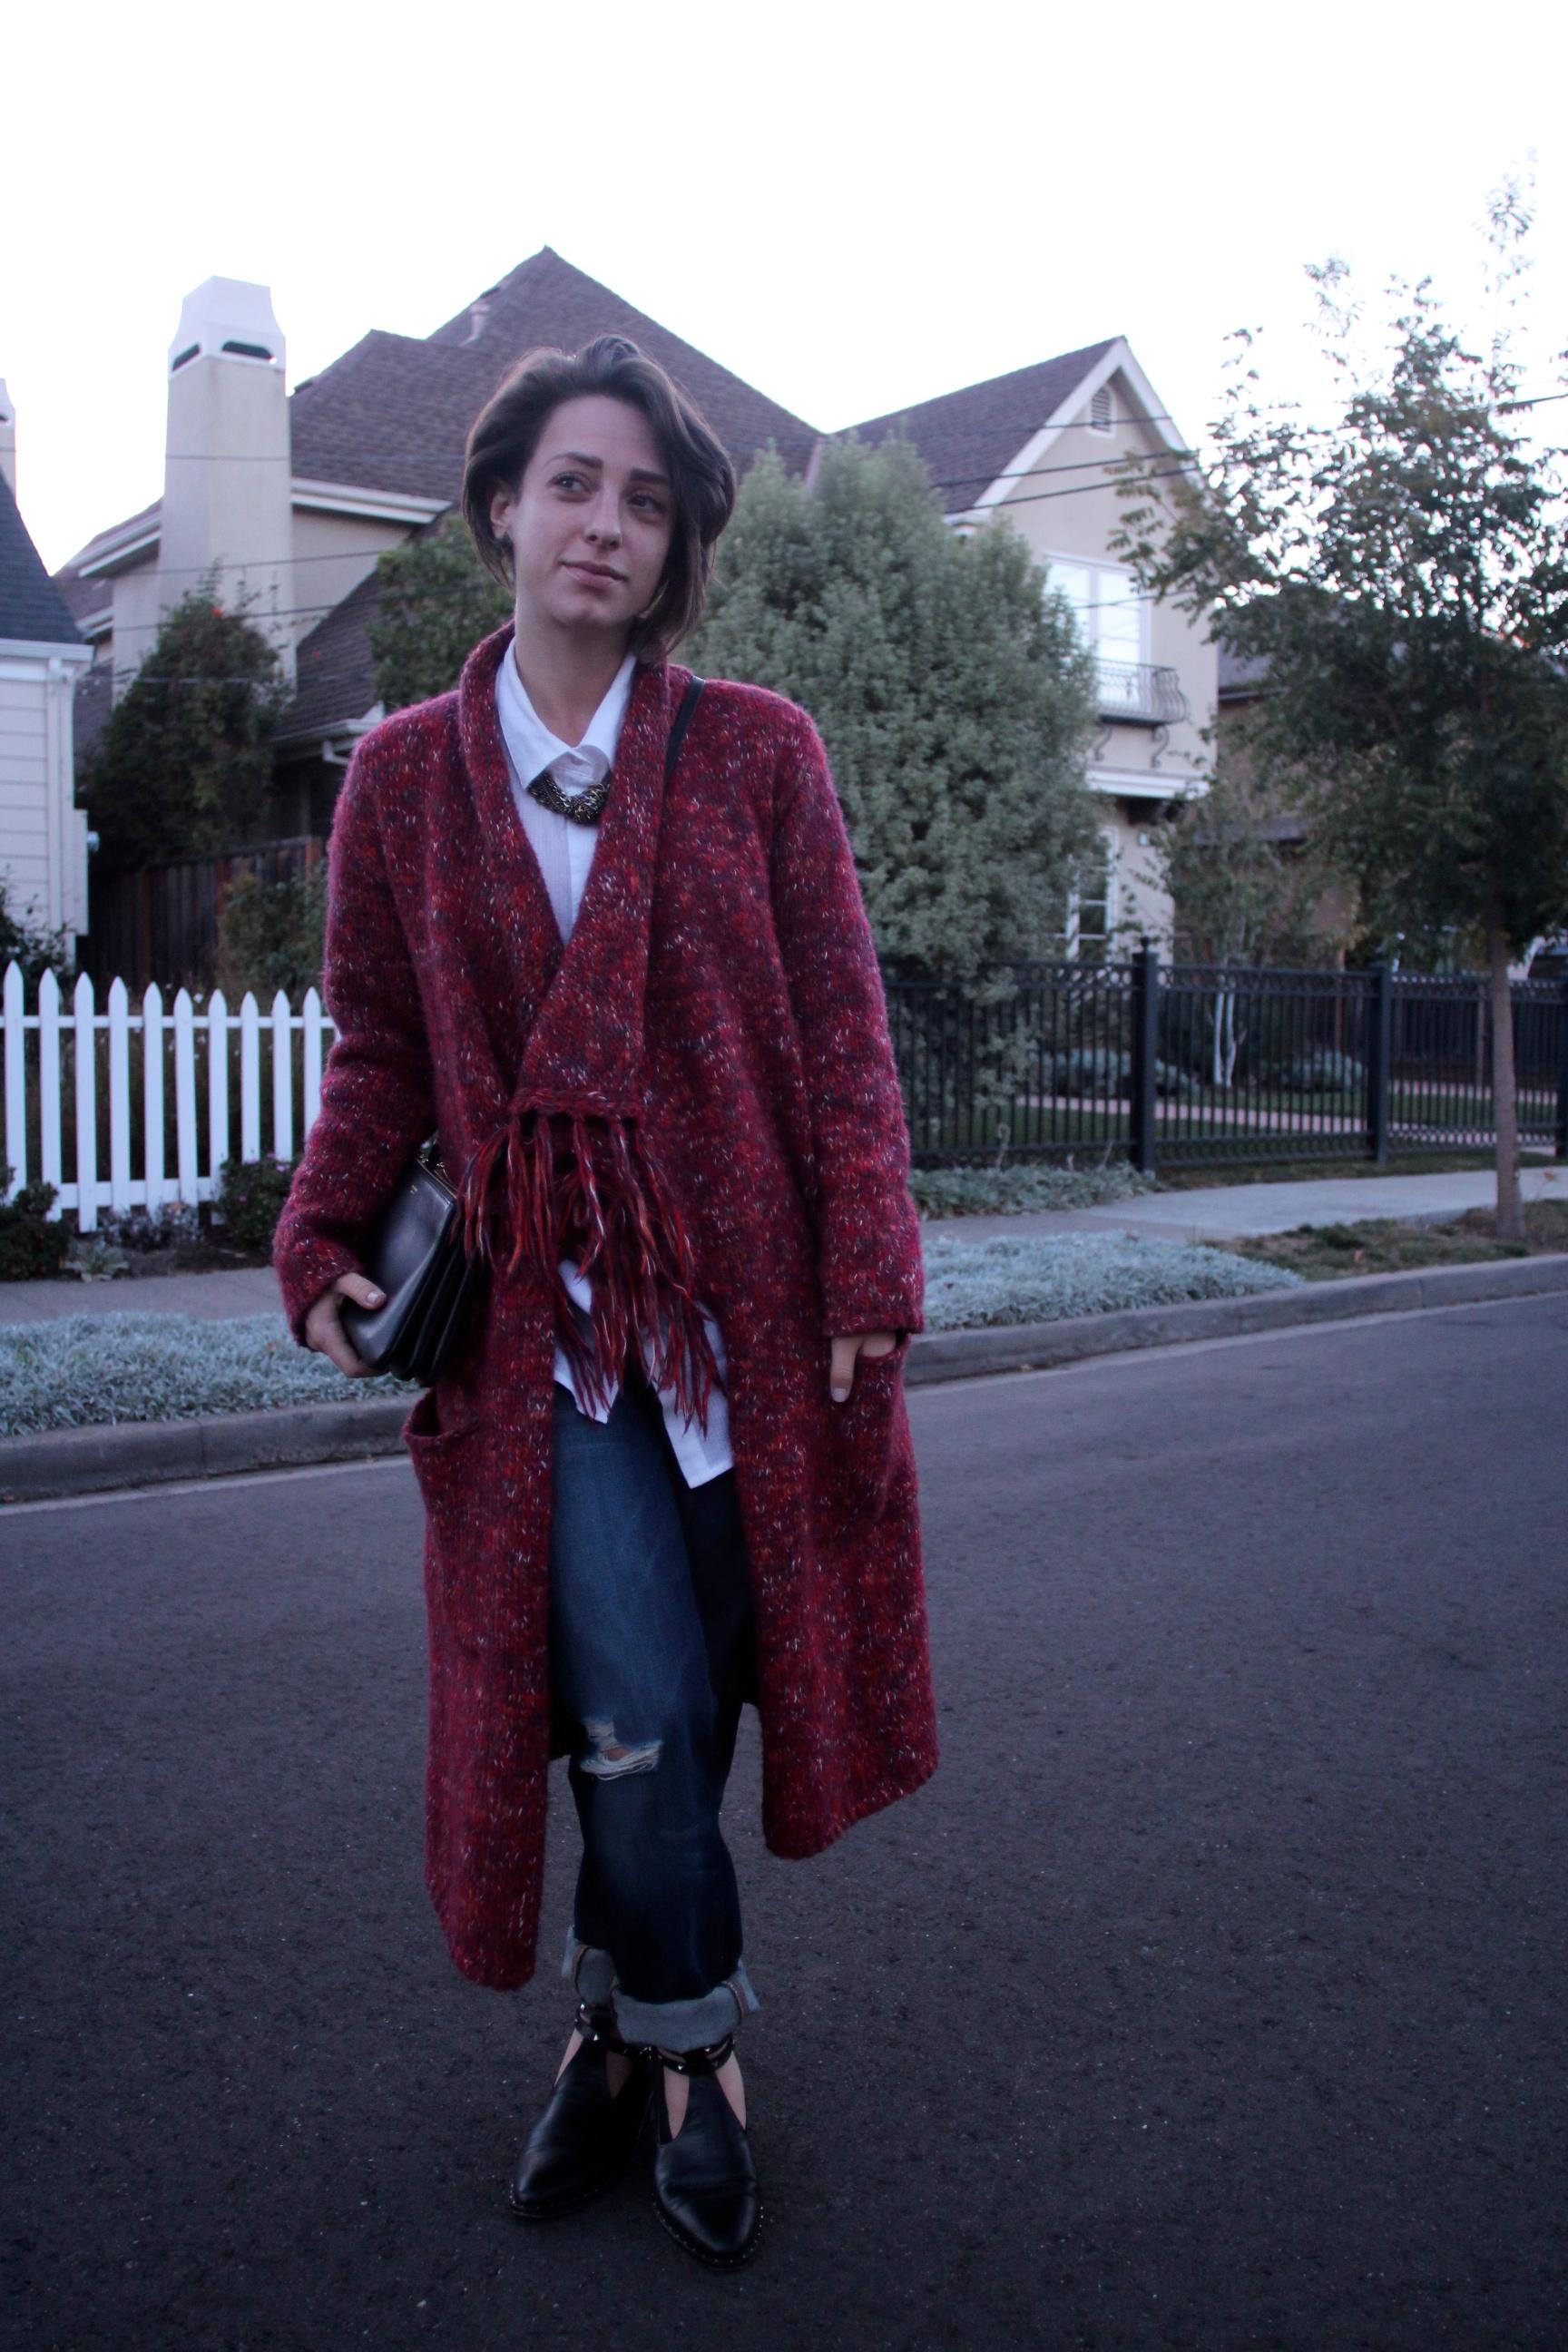 Sweater: Lucky Brand, Shirt: Elizabeth and James, Jeans: J Brand, Shoes: Freda Salvador, Bag: Celine Trio Bag